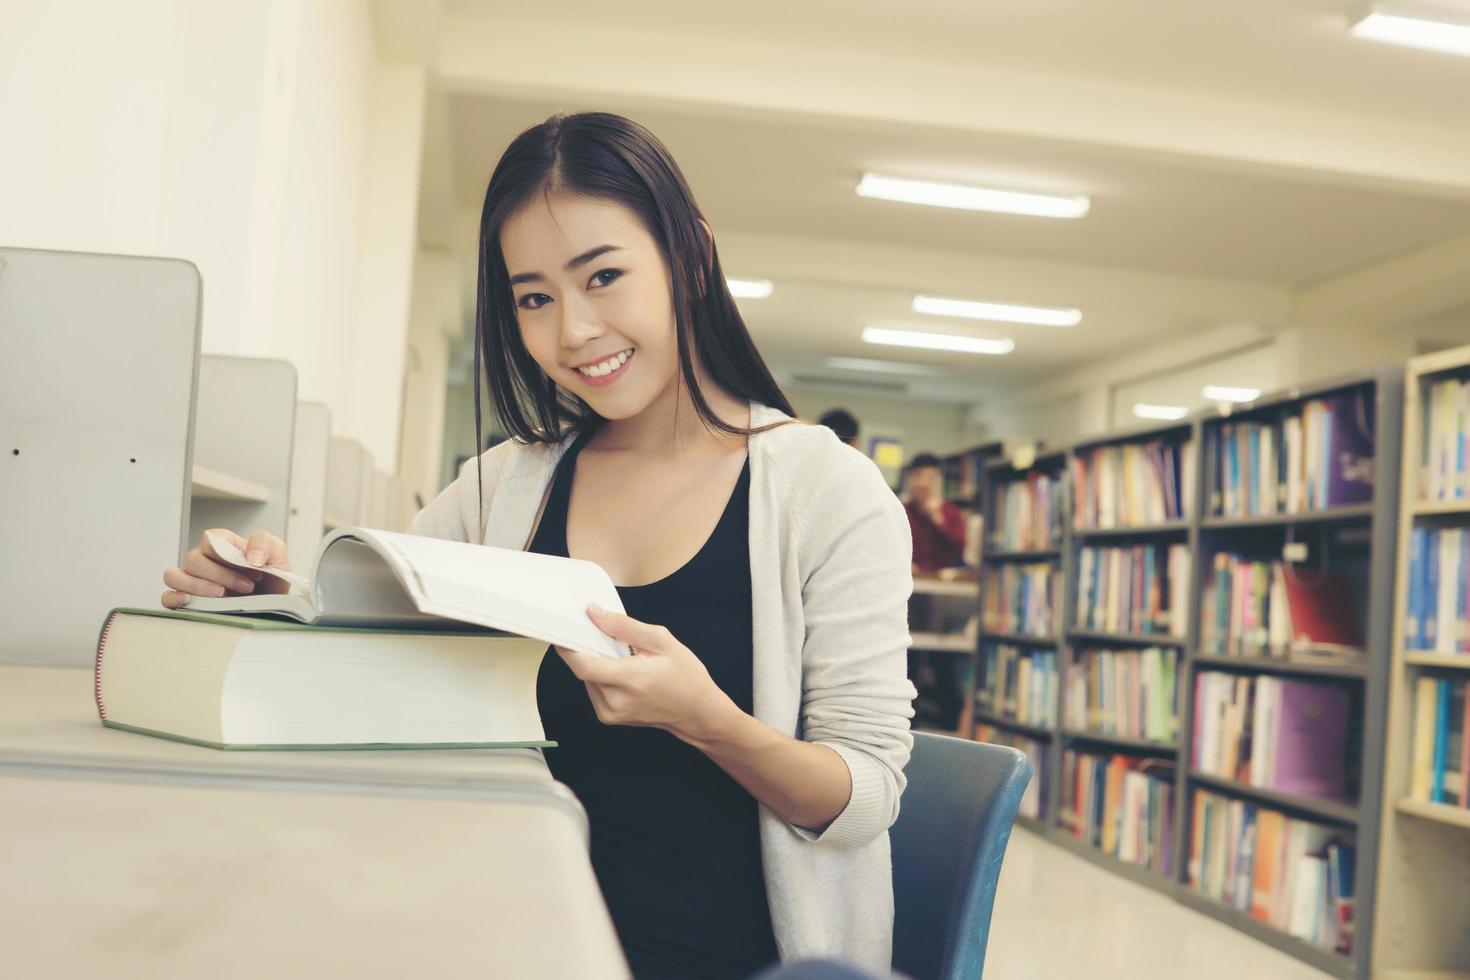 giovane studentessa asiatica in biblioteca leggendo un libro foto